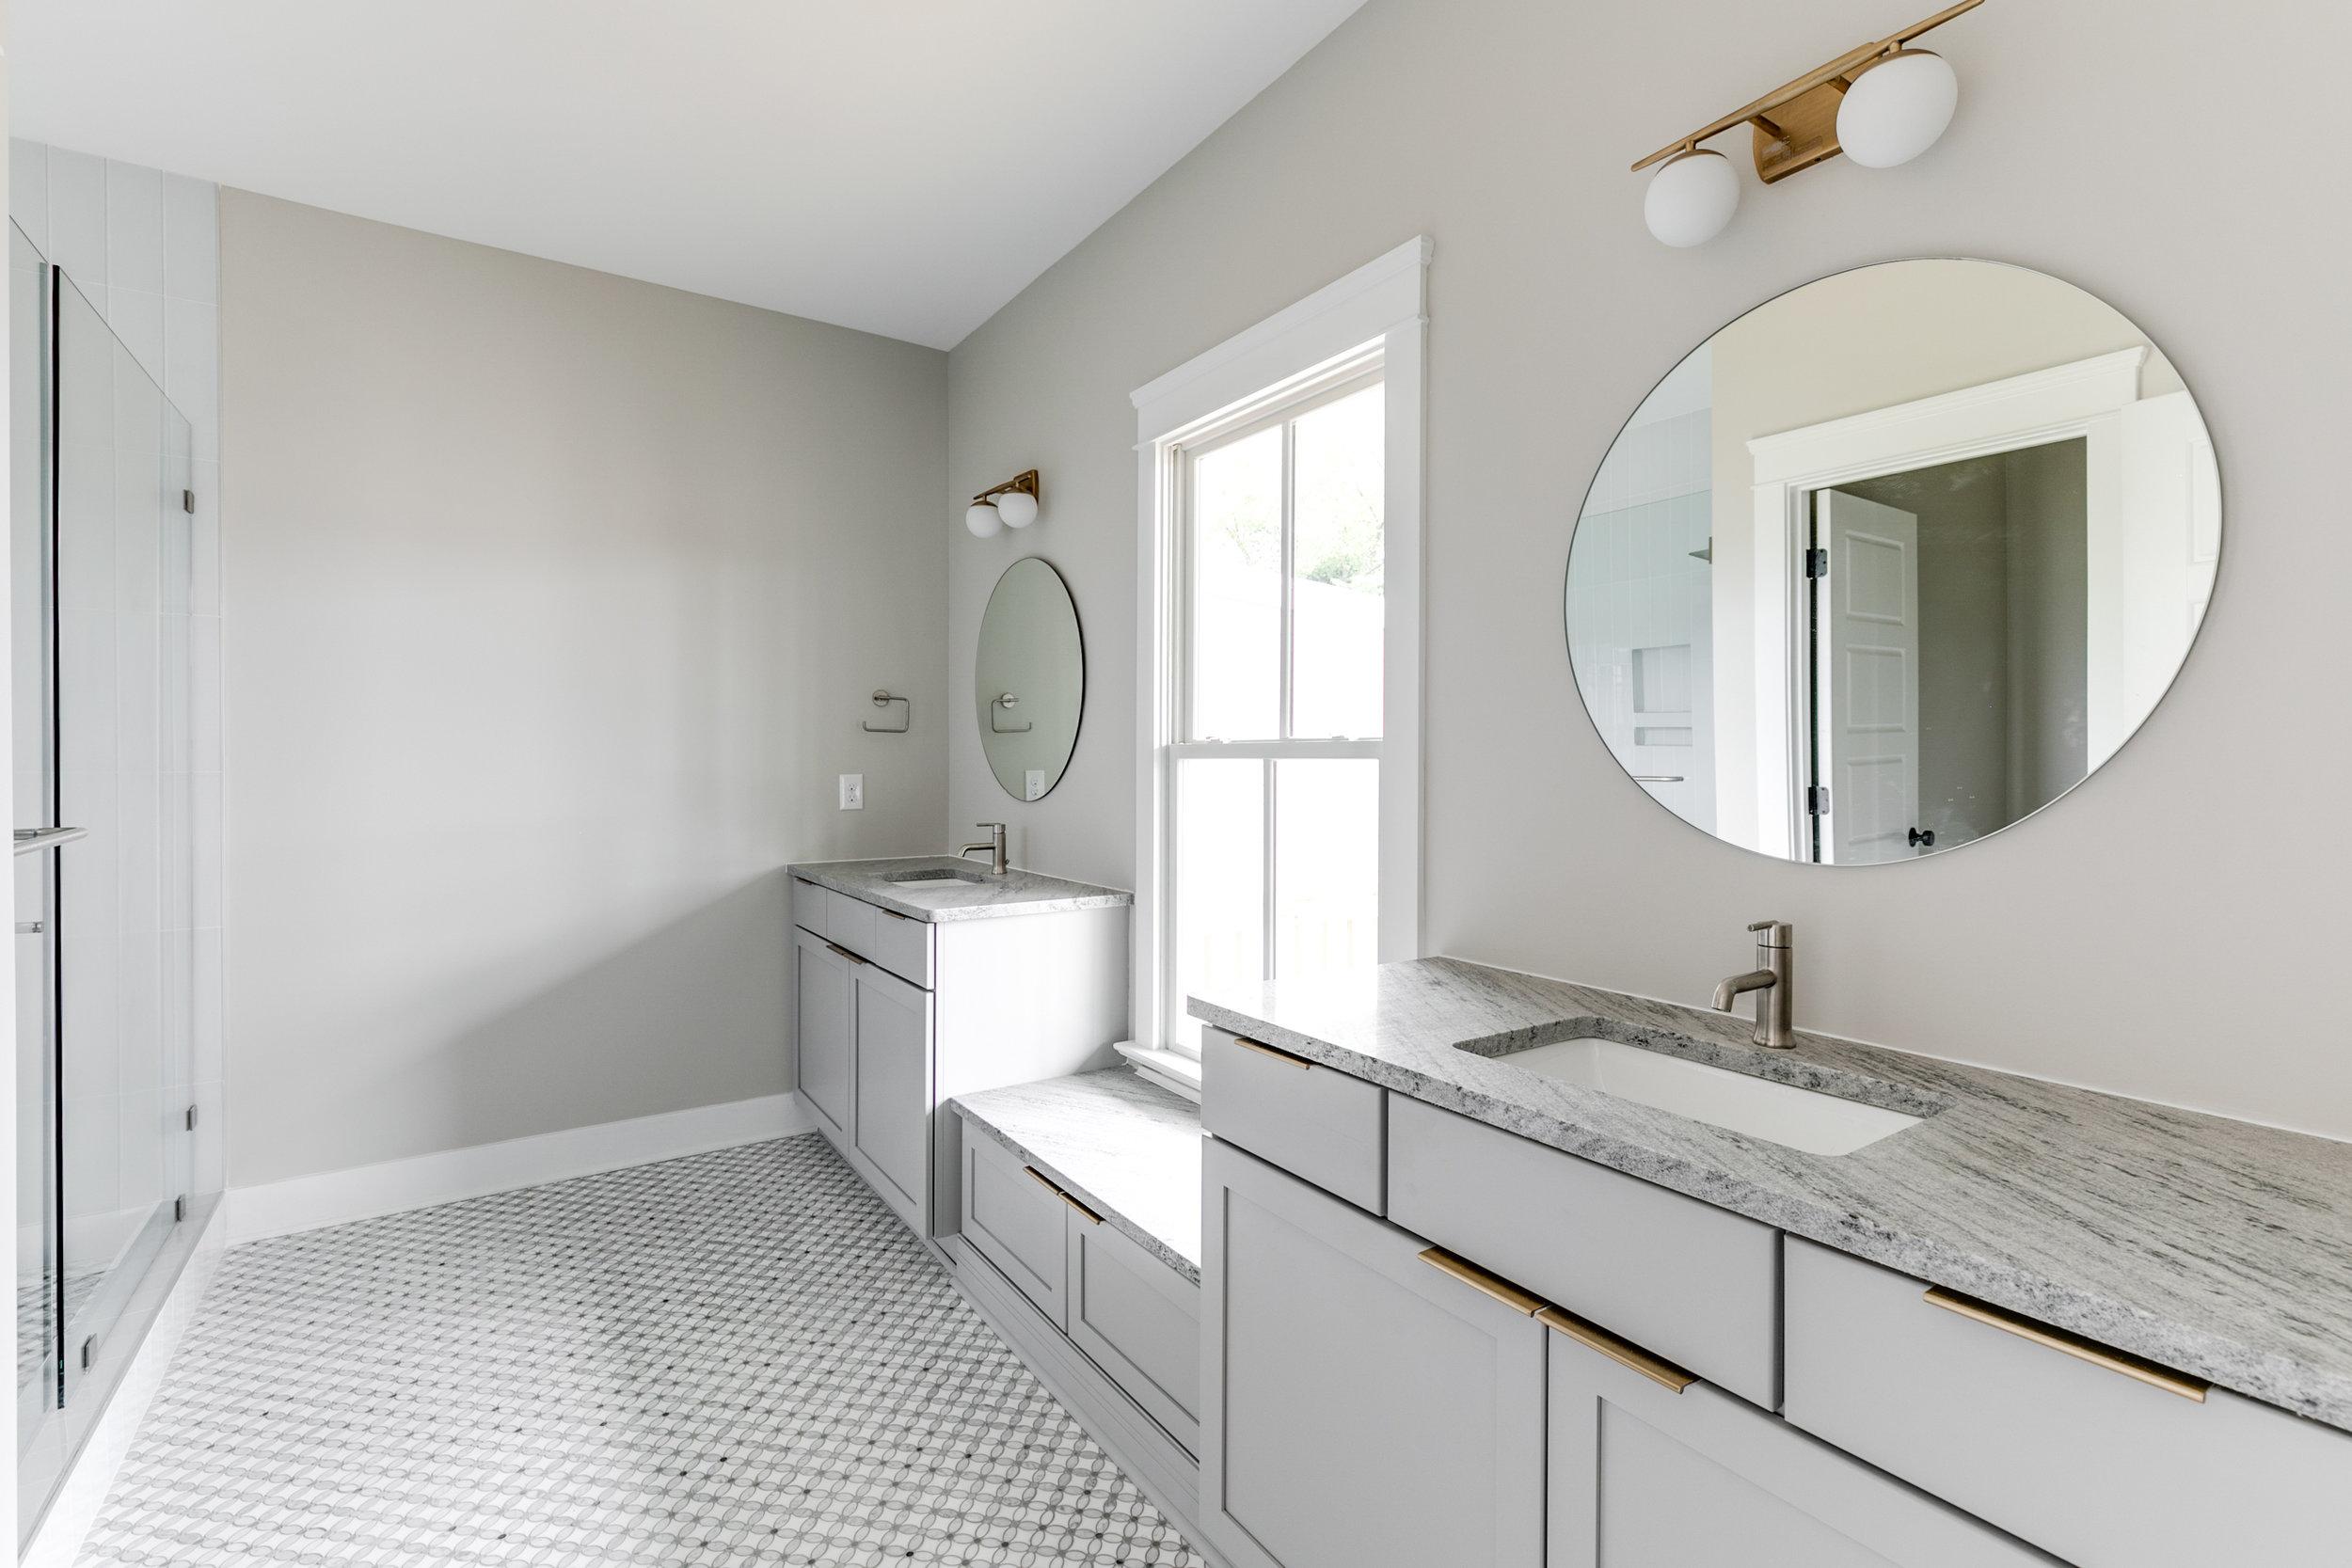 NEW CONSTRUCTION RICHMOND VA - MASTER BATHROOM.jpg